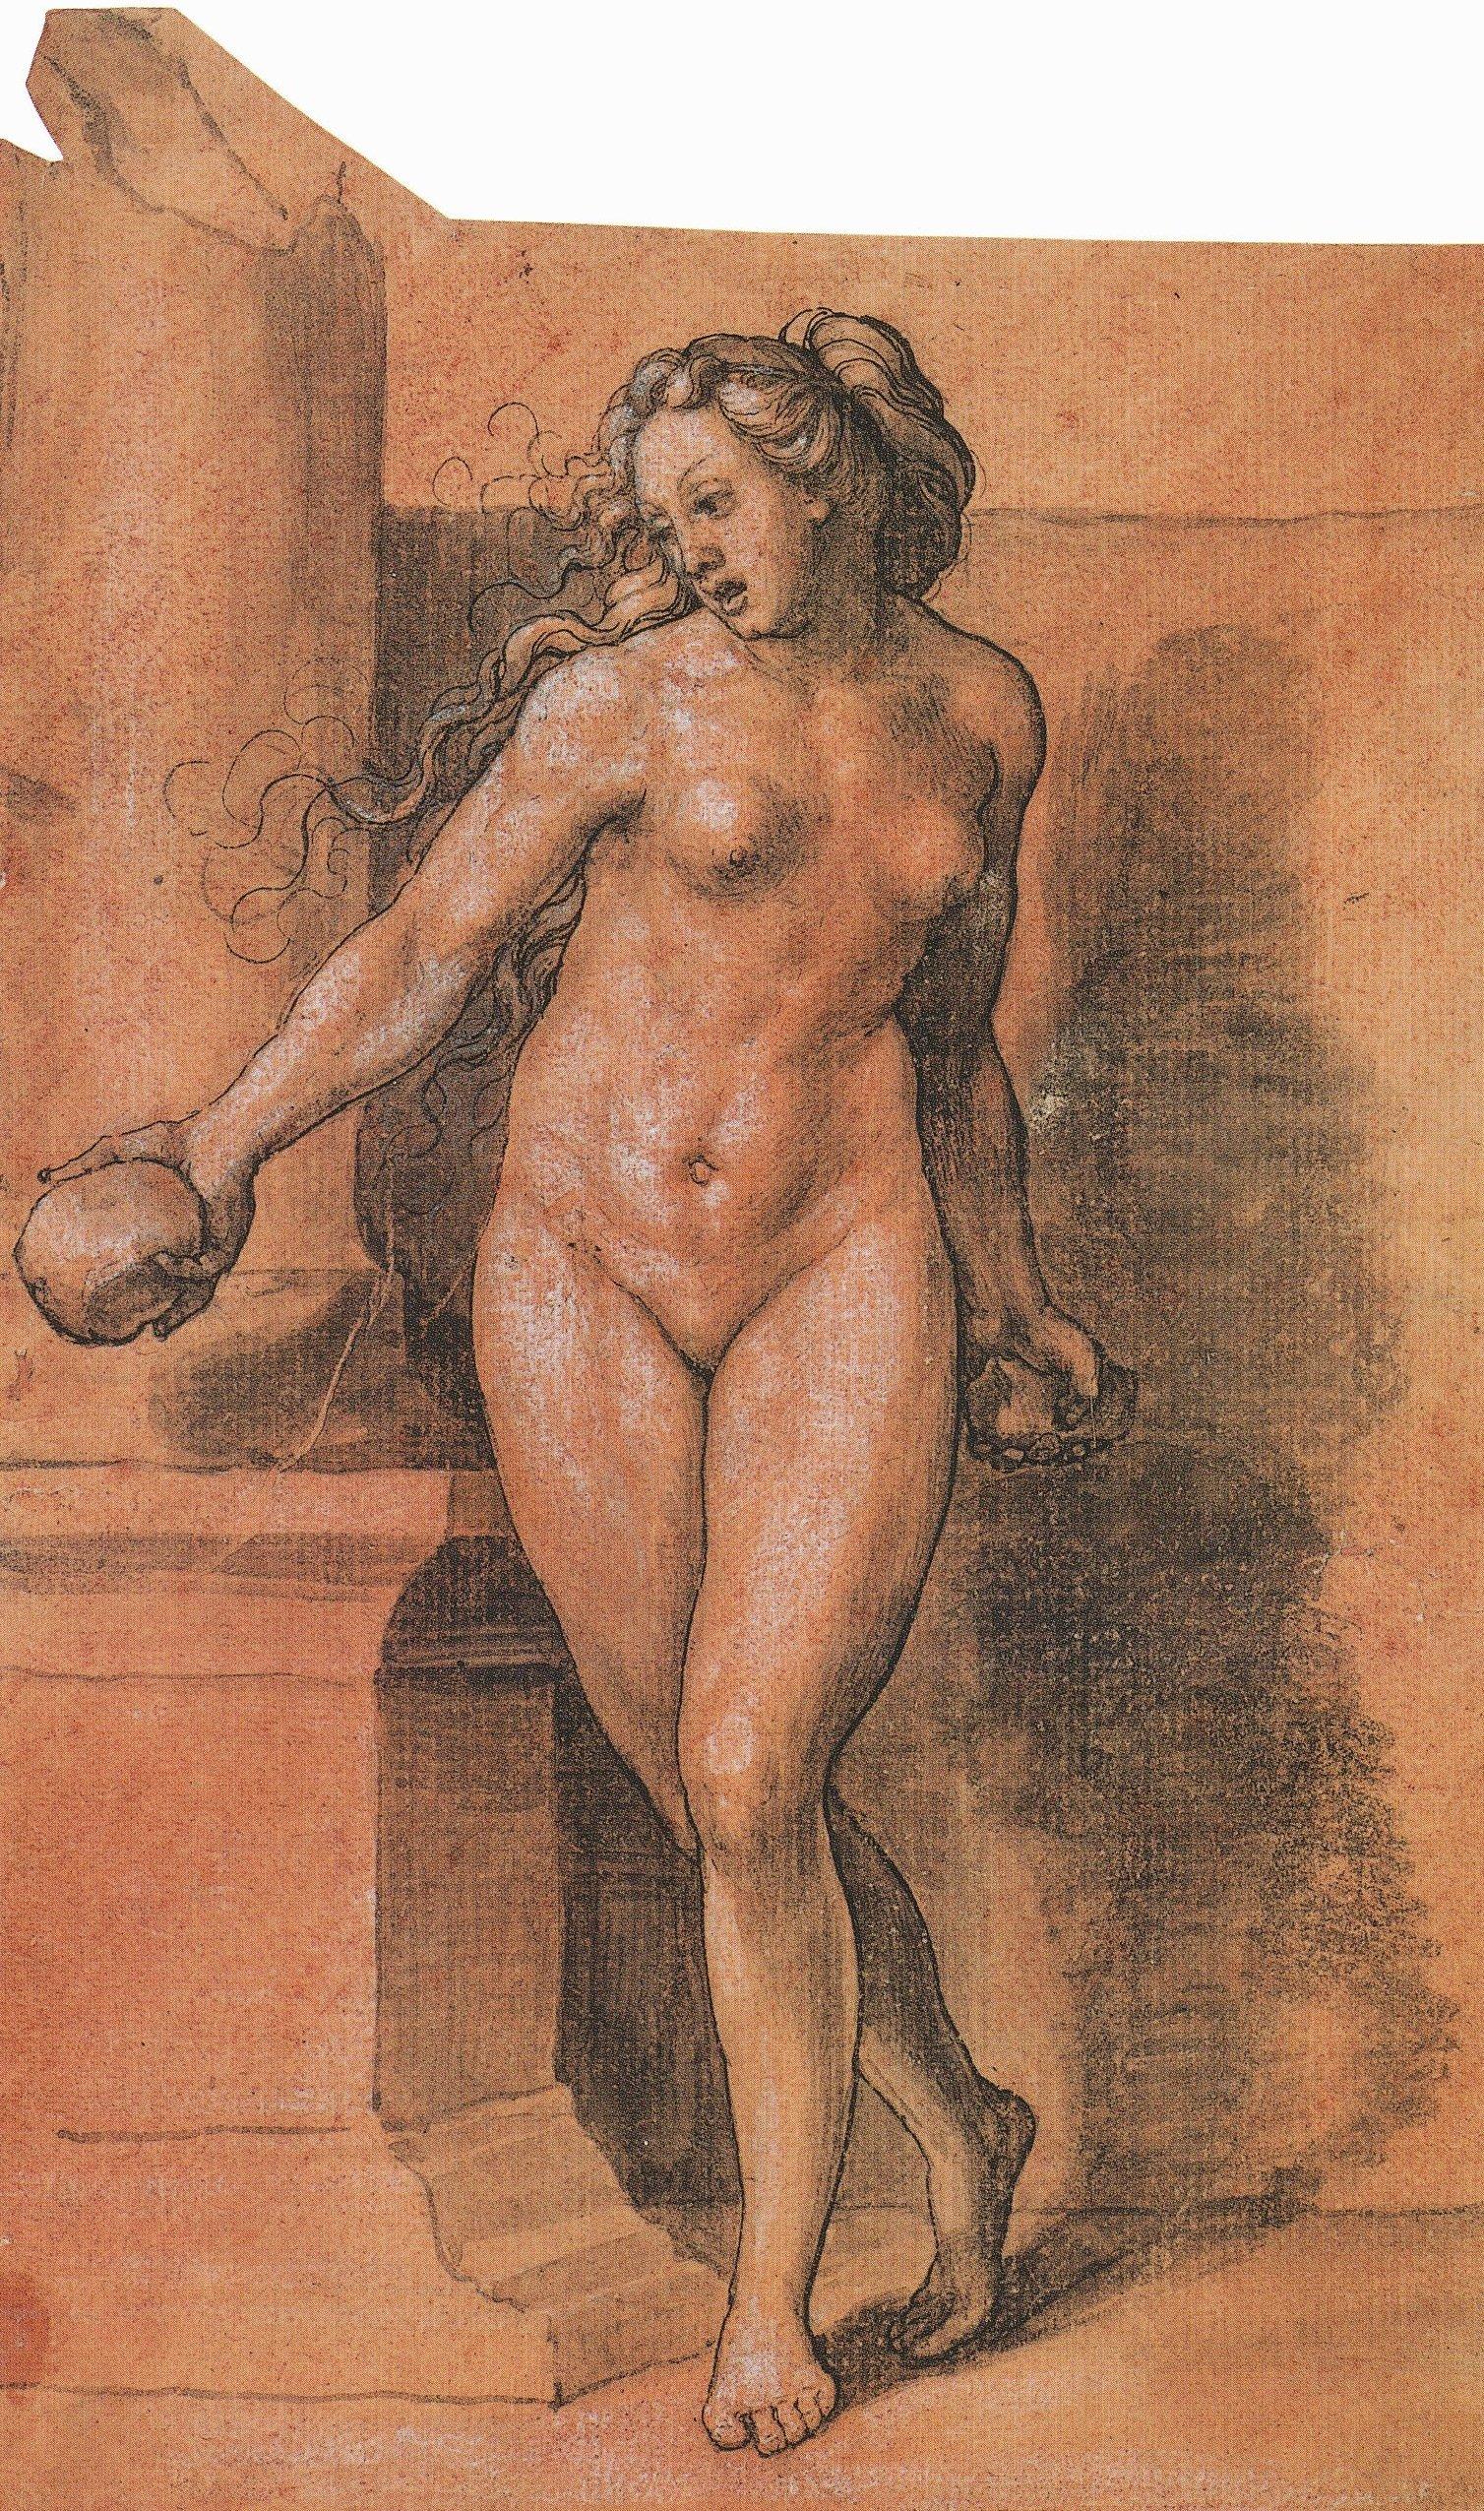 The Stone Thrower. с около 1532 до, примерно, 1534